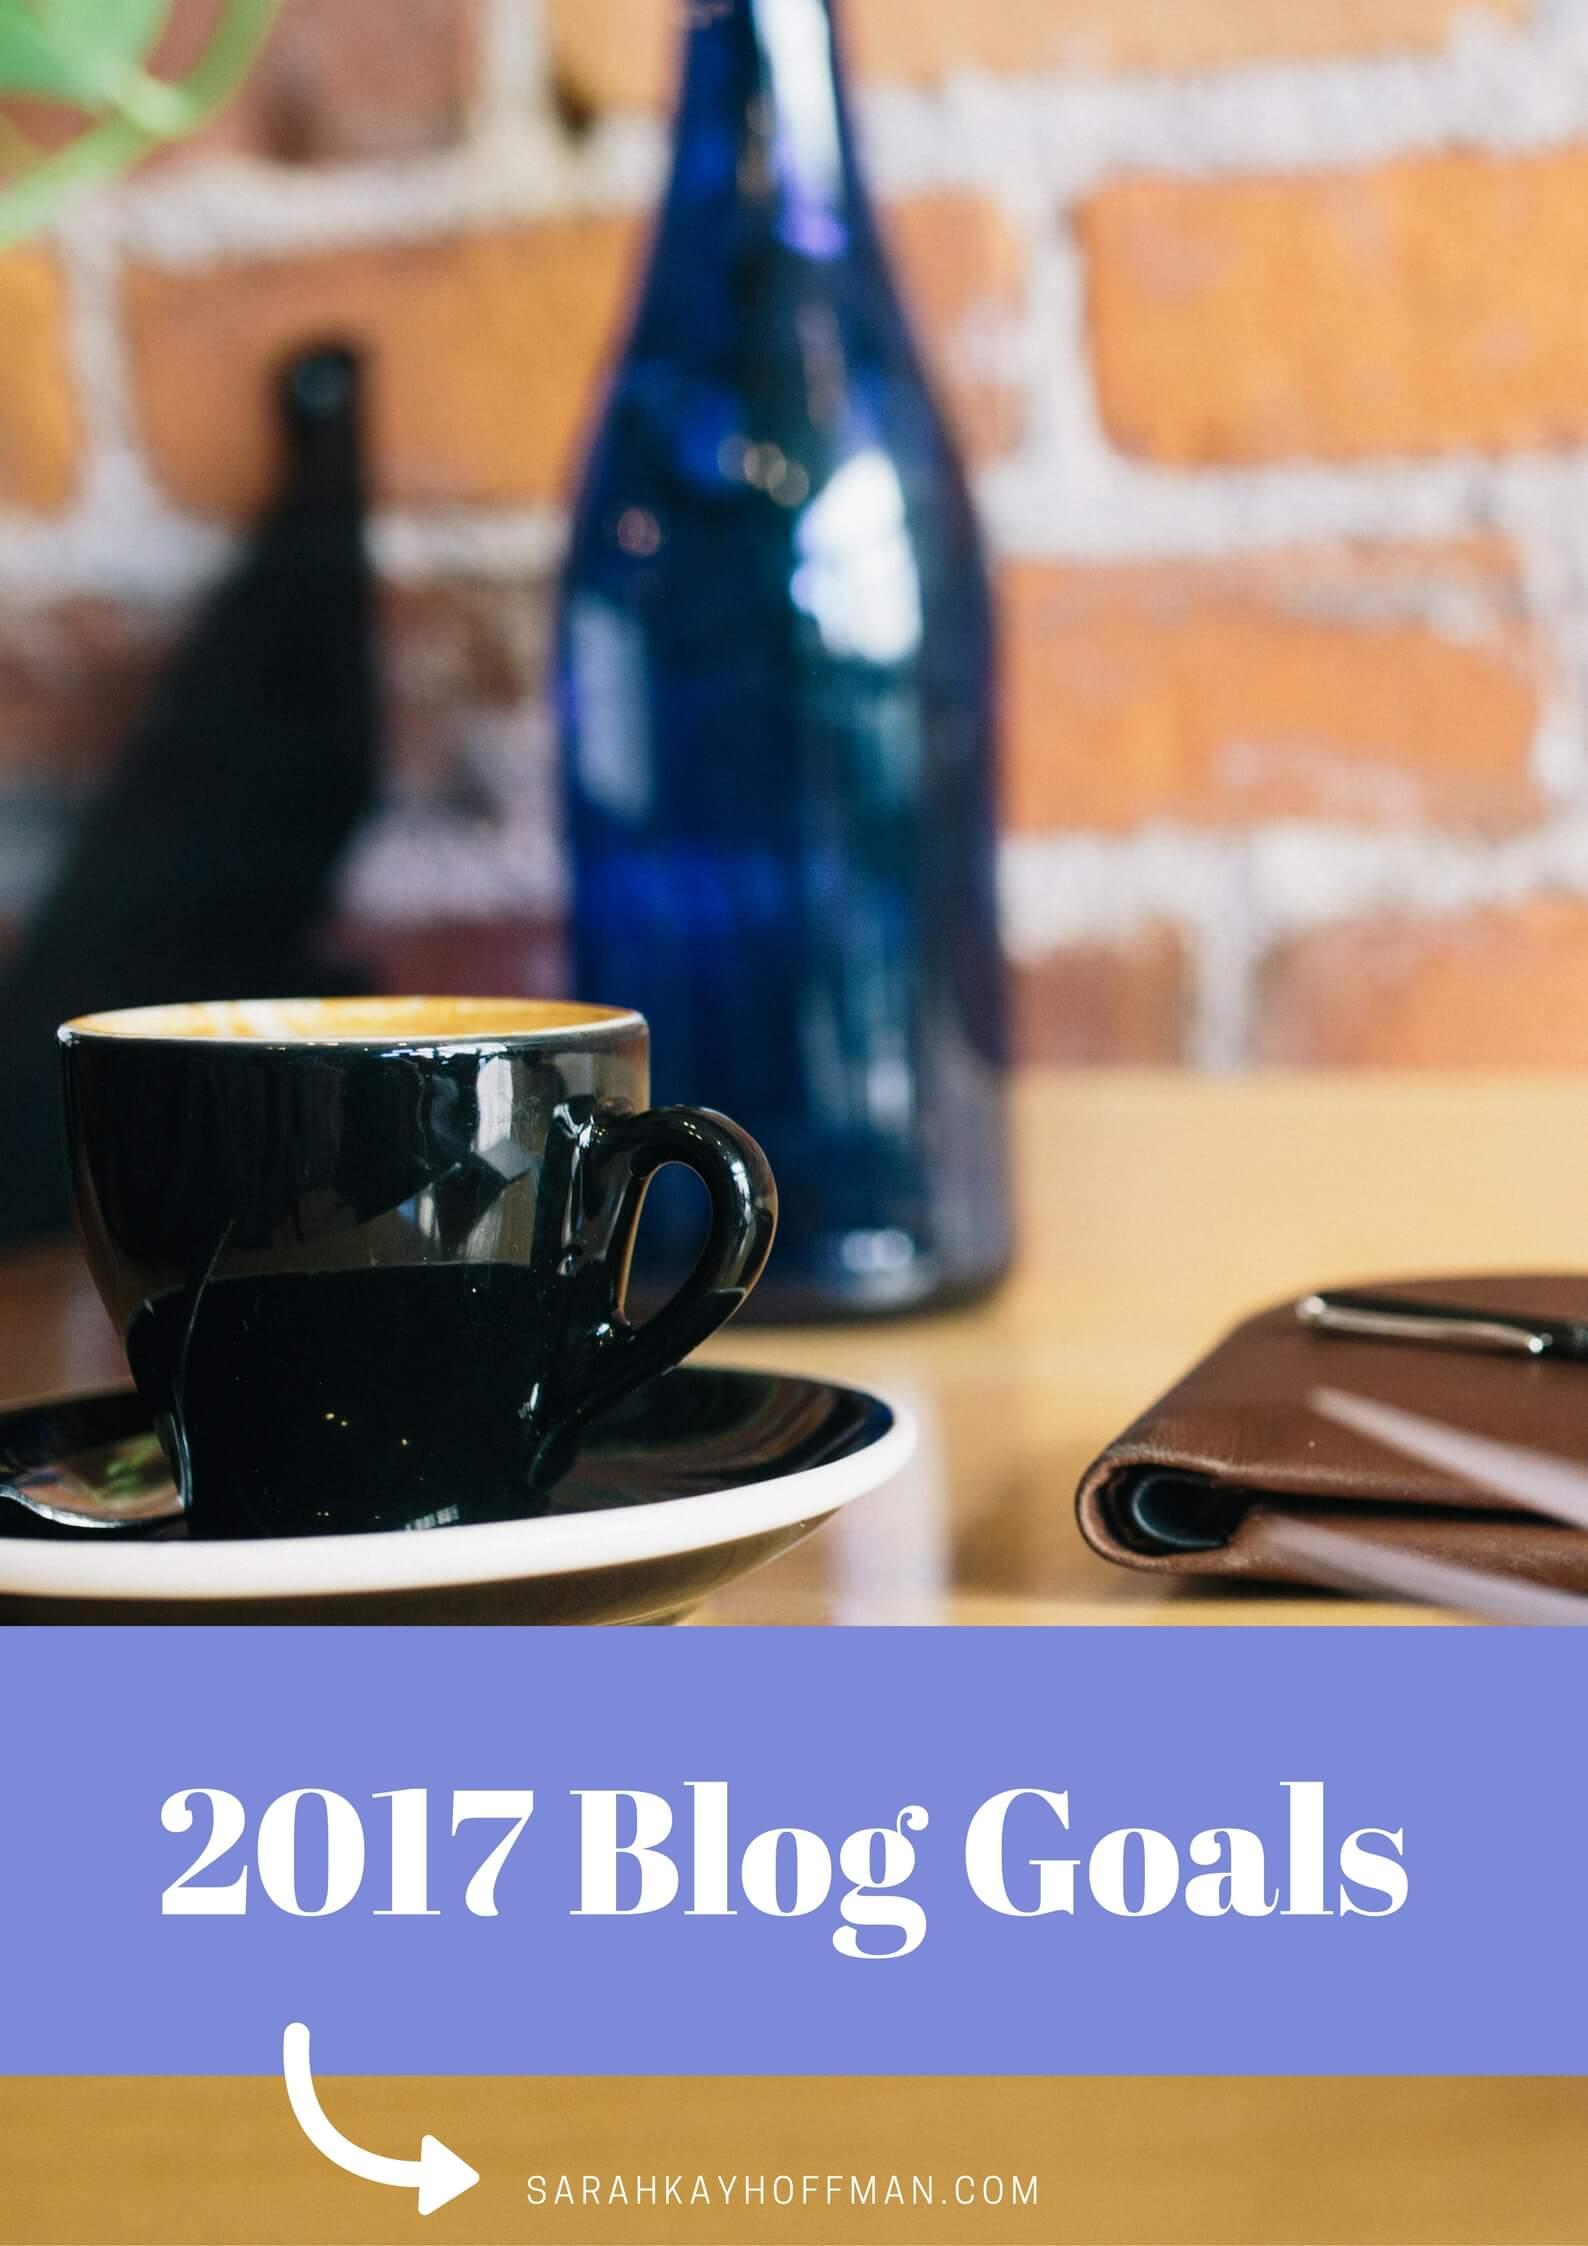 2017 Blog Goals Sarah Kay Hoffman sarahkayhoffman.com